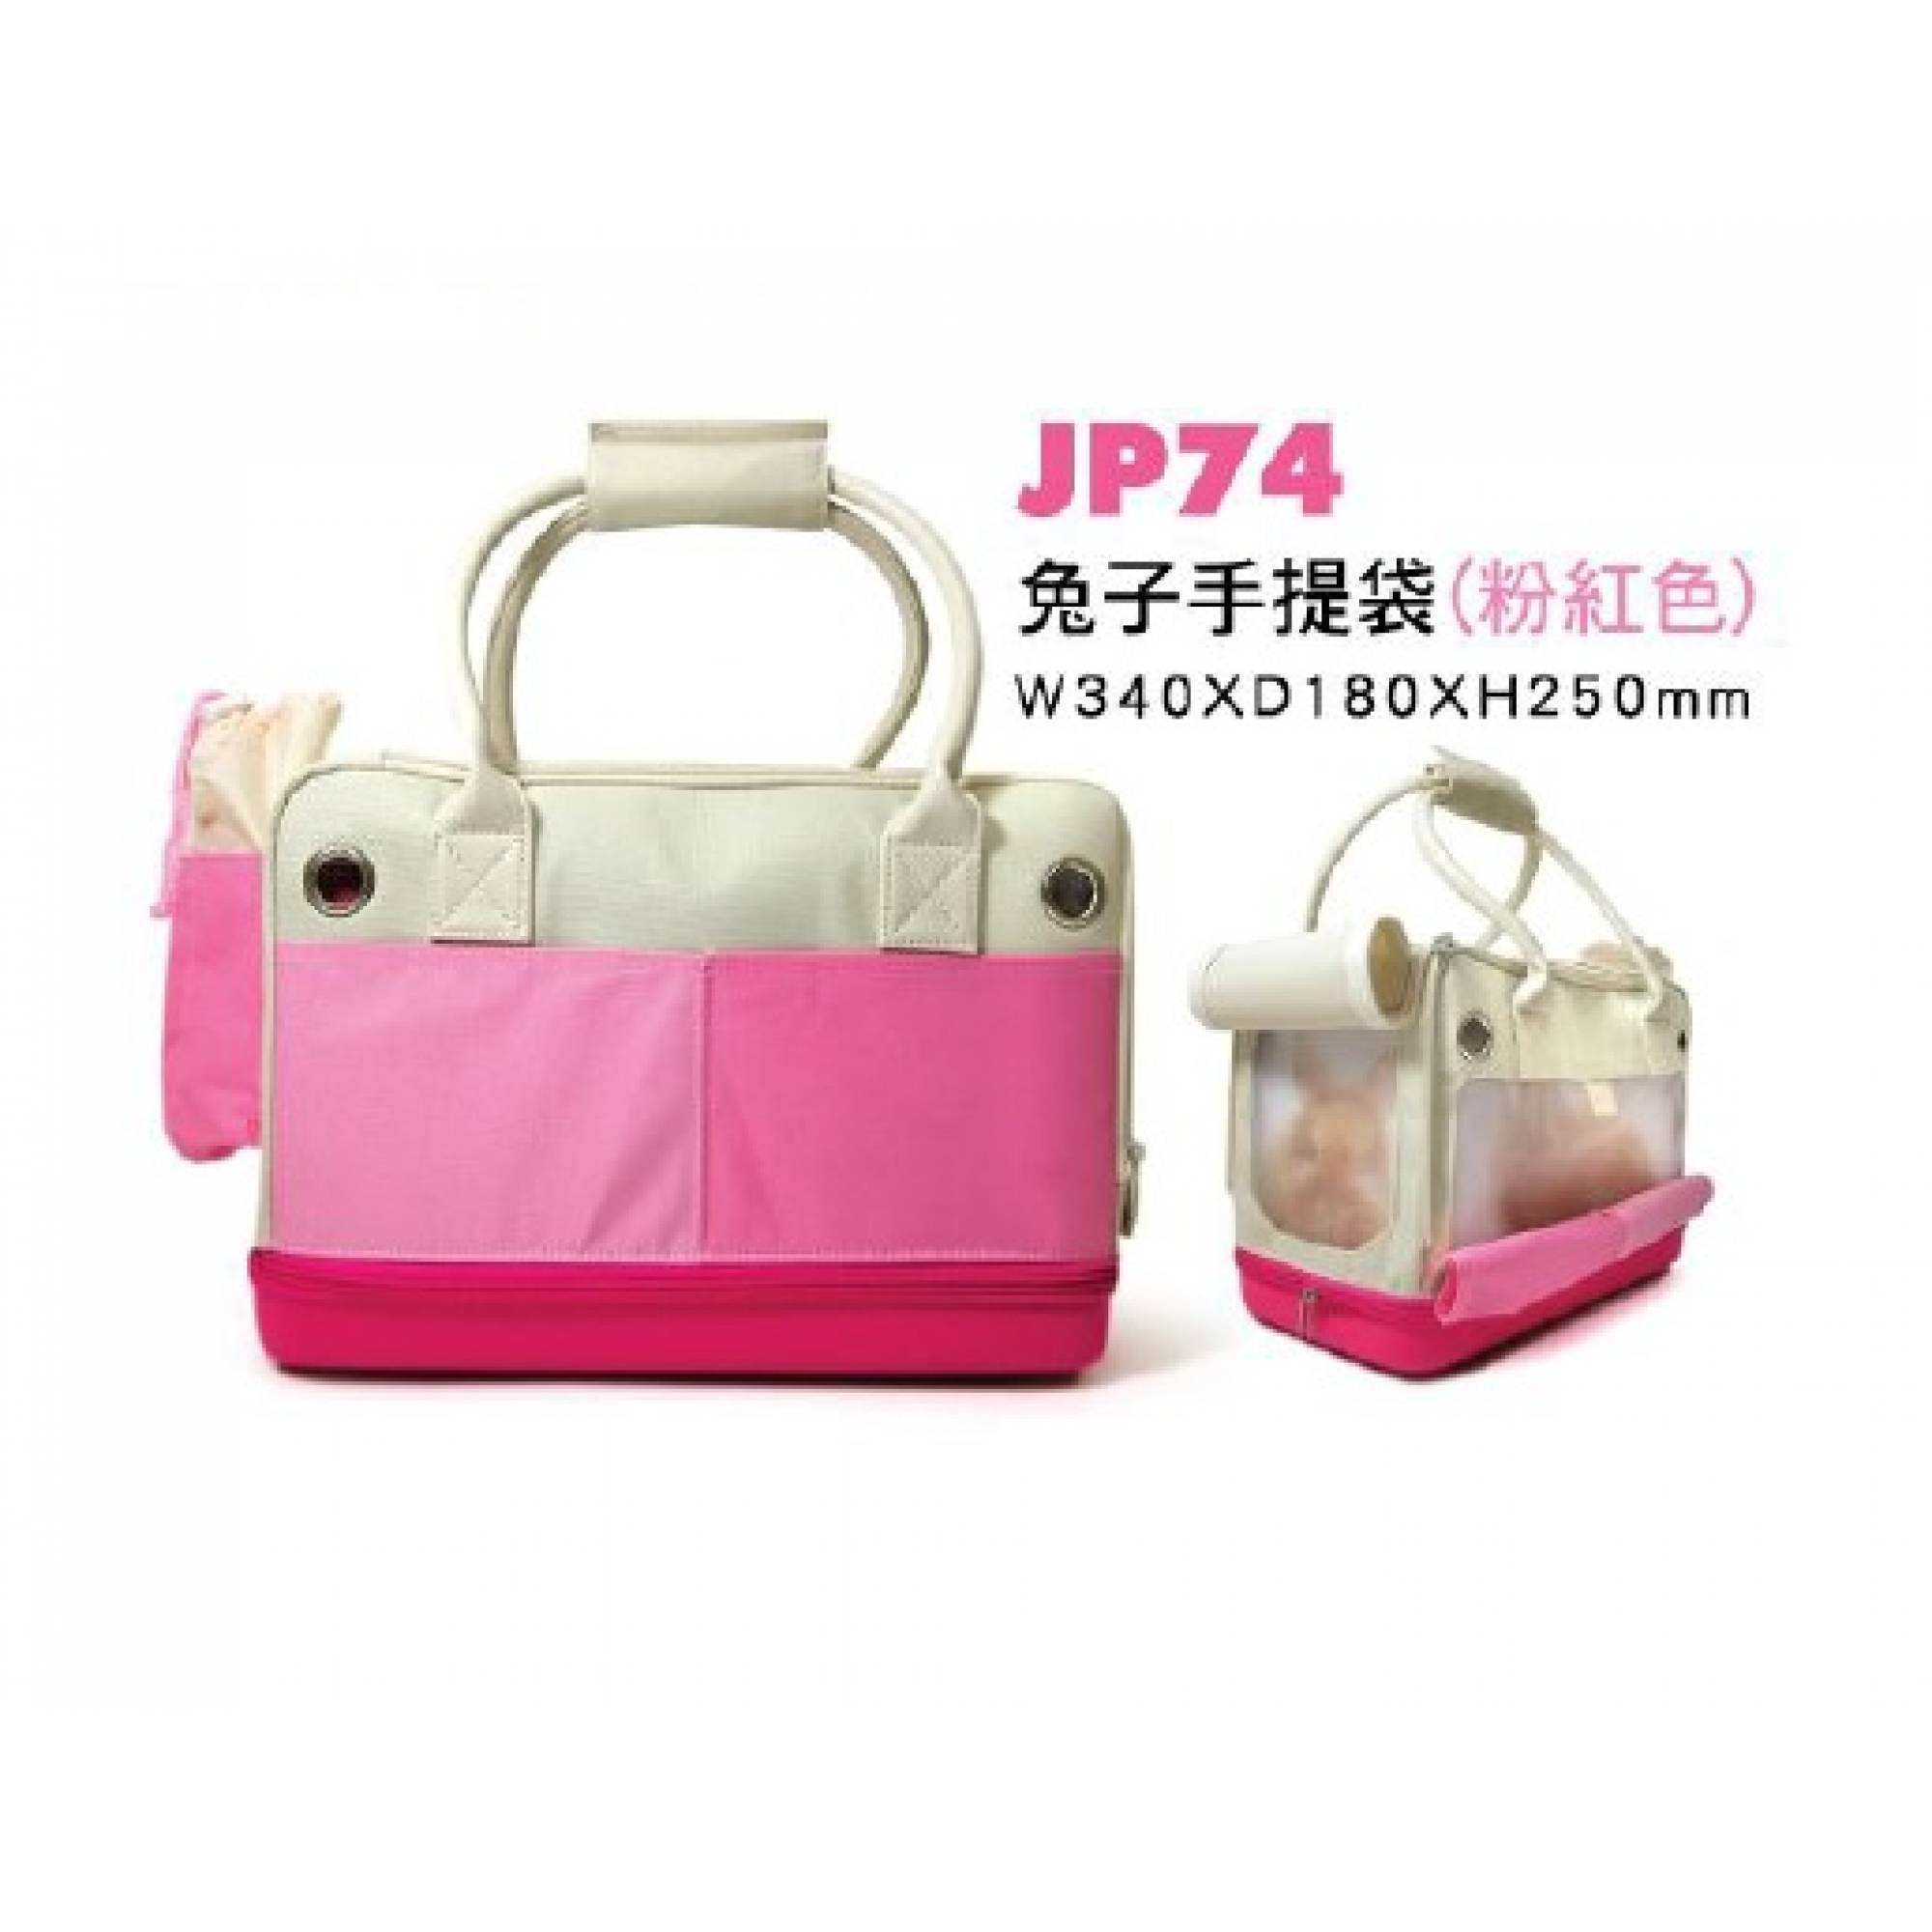 JOLLY Rabbit Carry Bag - Pink